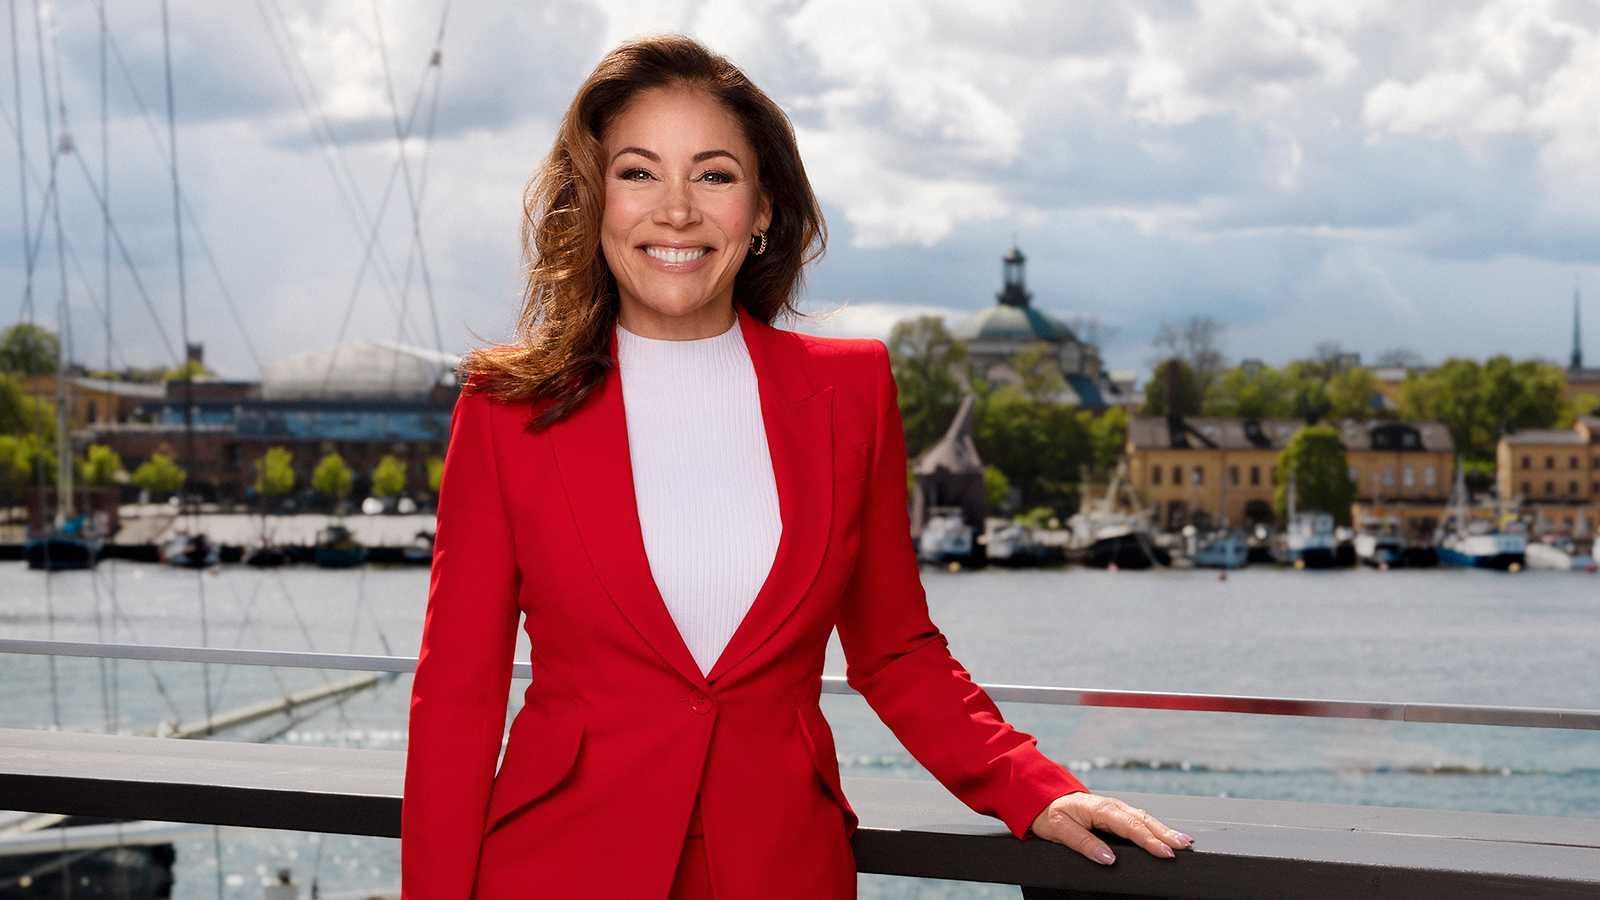 """Tilde de Paula Eby sänder sitt nya pratprogram """"Tilde"""" från Djurgården i Stockholm."""